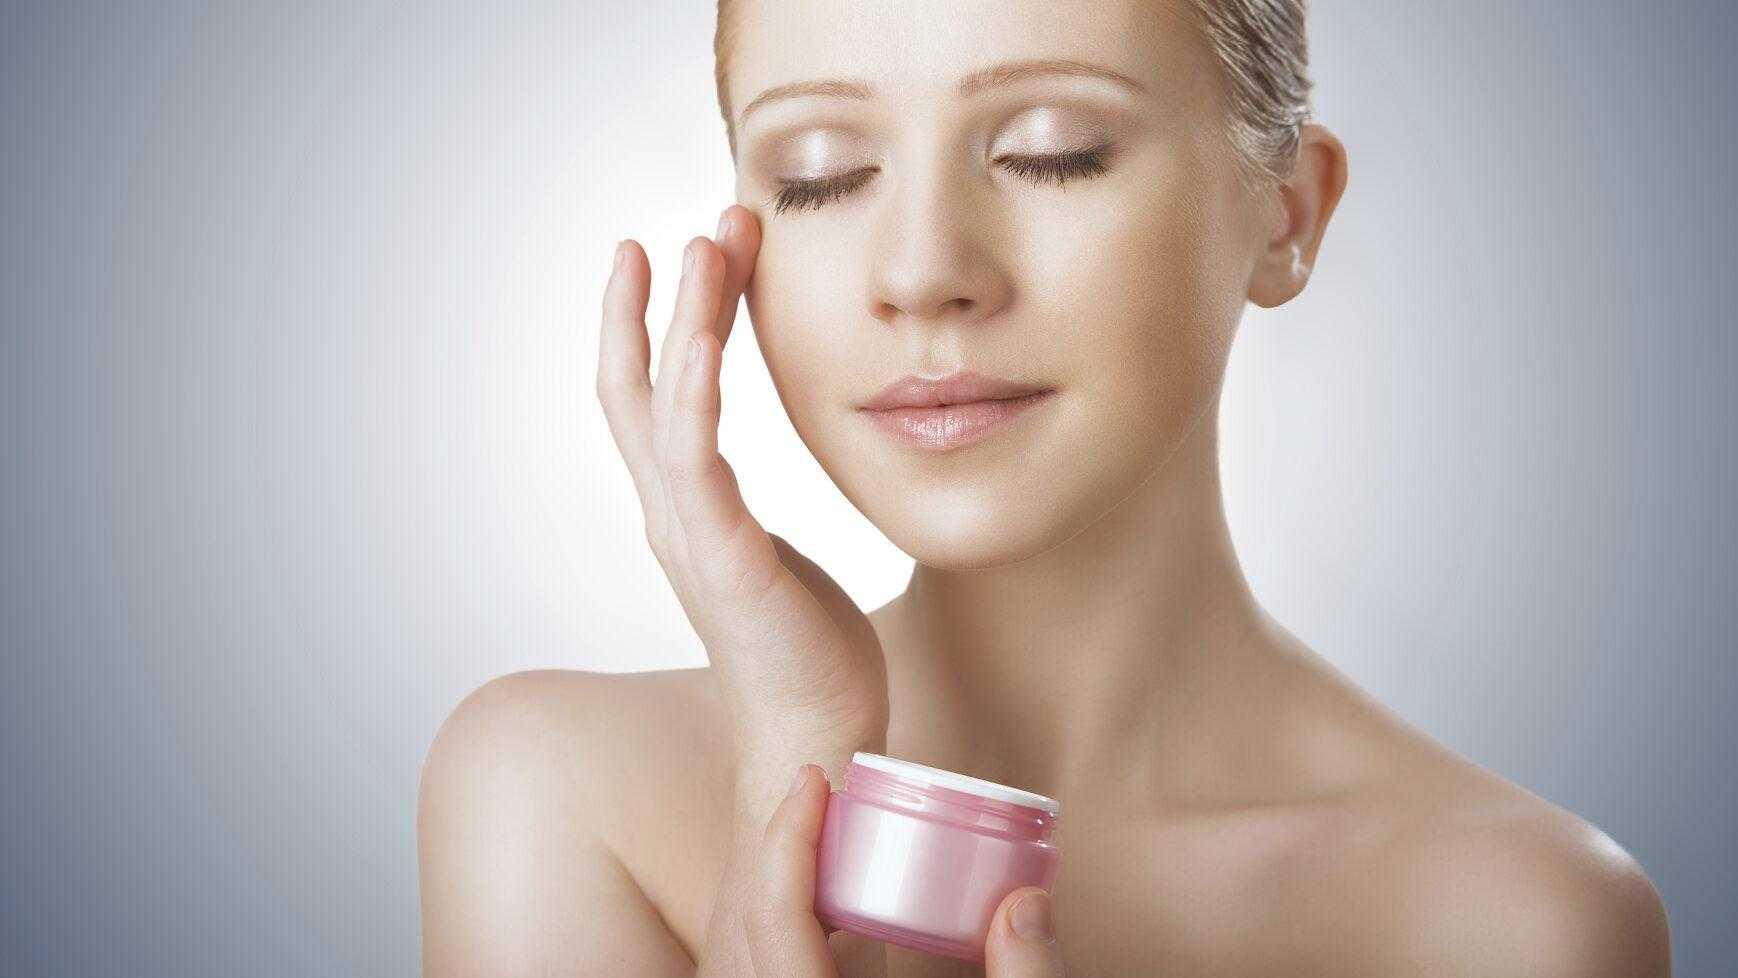 Этапы ухода за кожей лица: что нужно и как подобрать кремы, правильные ежедневные косметические средства, базовый пошаговый порядок